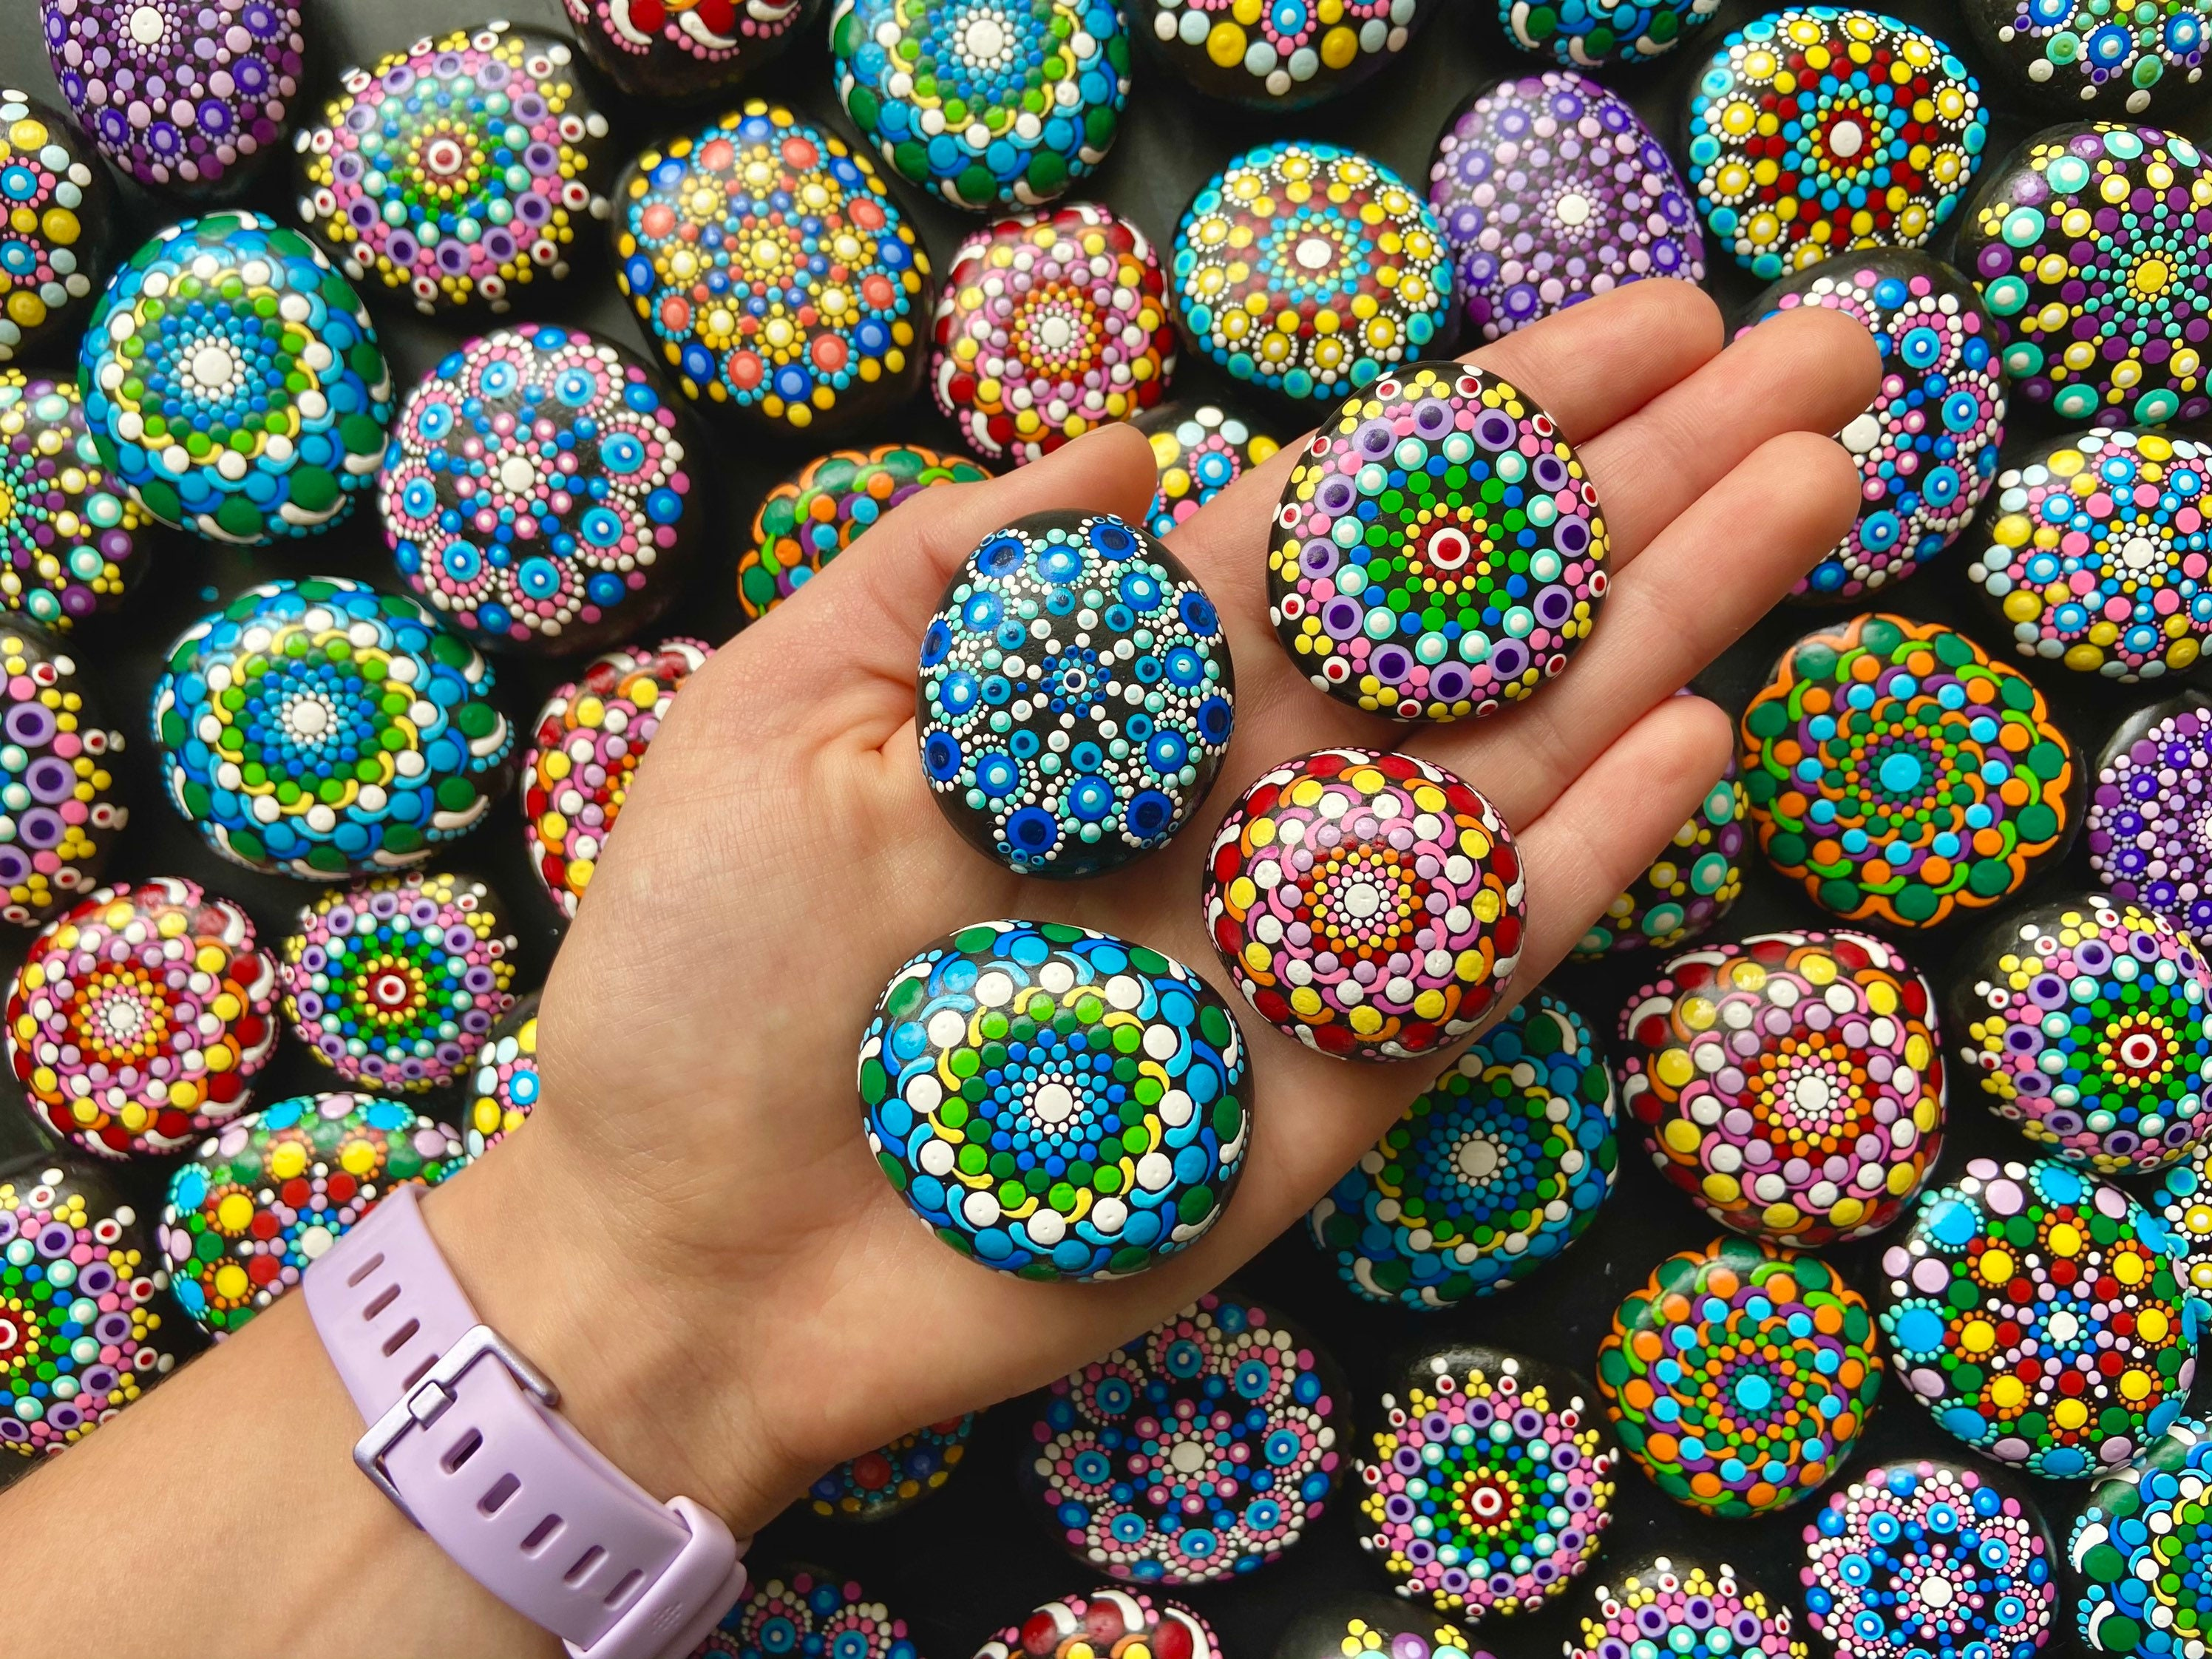 Mandala stone Dot Mandala Zen Garden Paperweight Hand-painted Meditation Stone Mandala Art Painted Rock Mindfulness gift